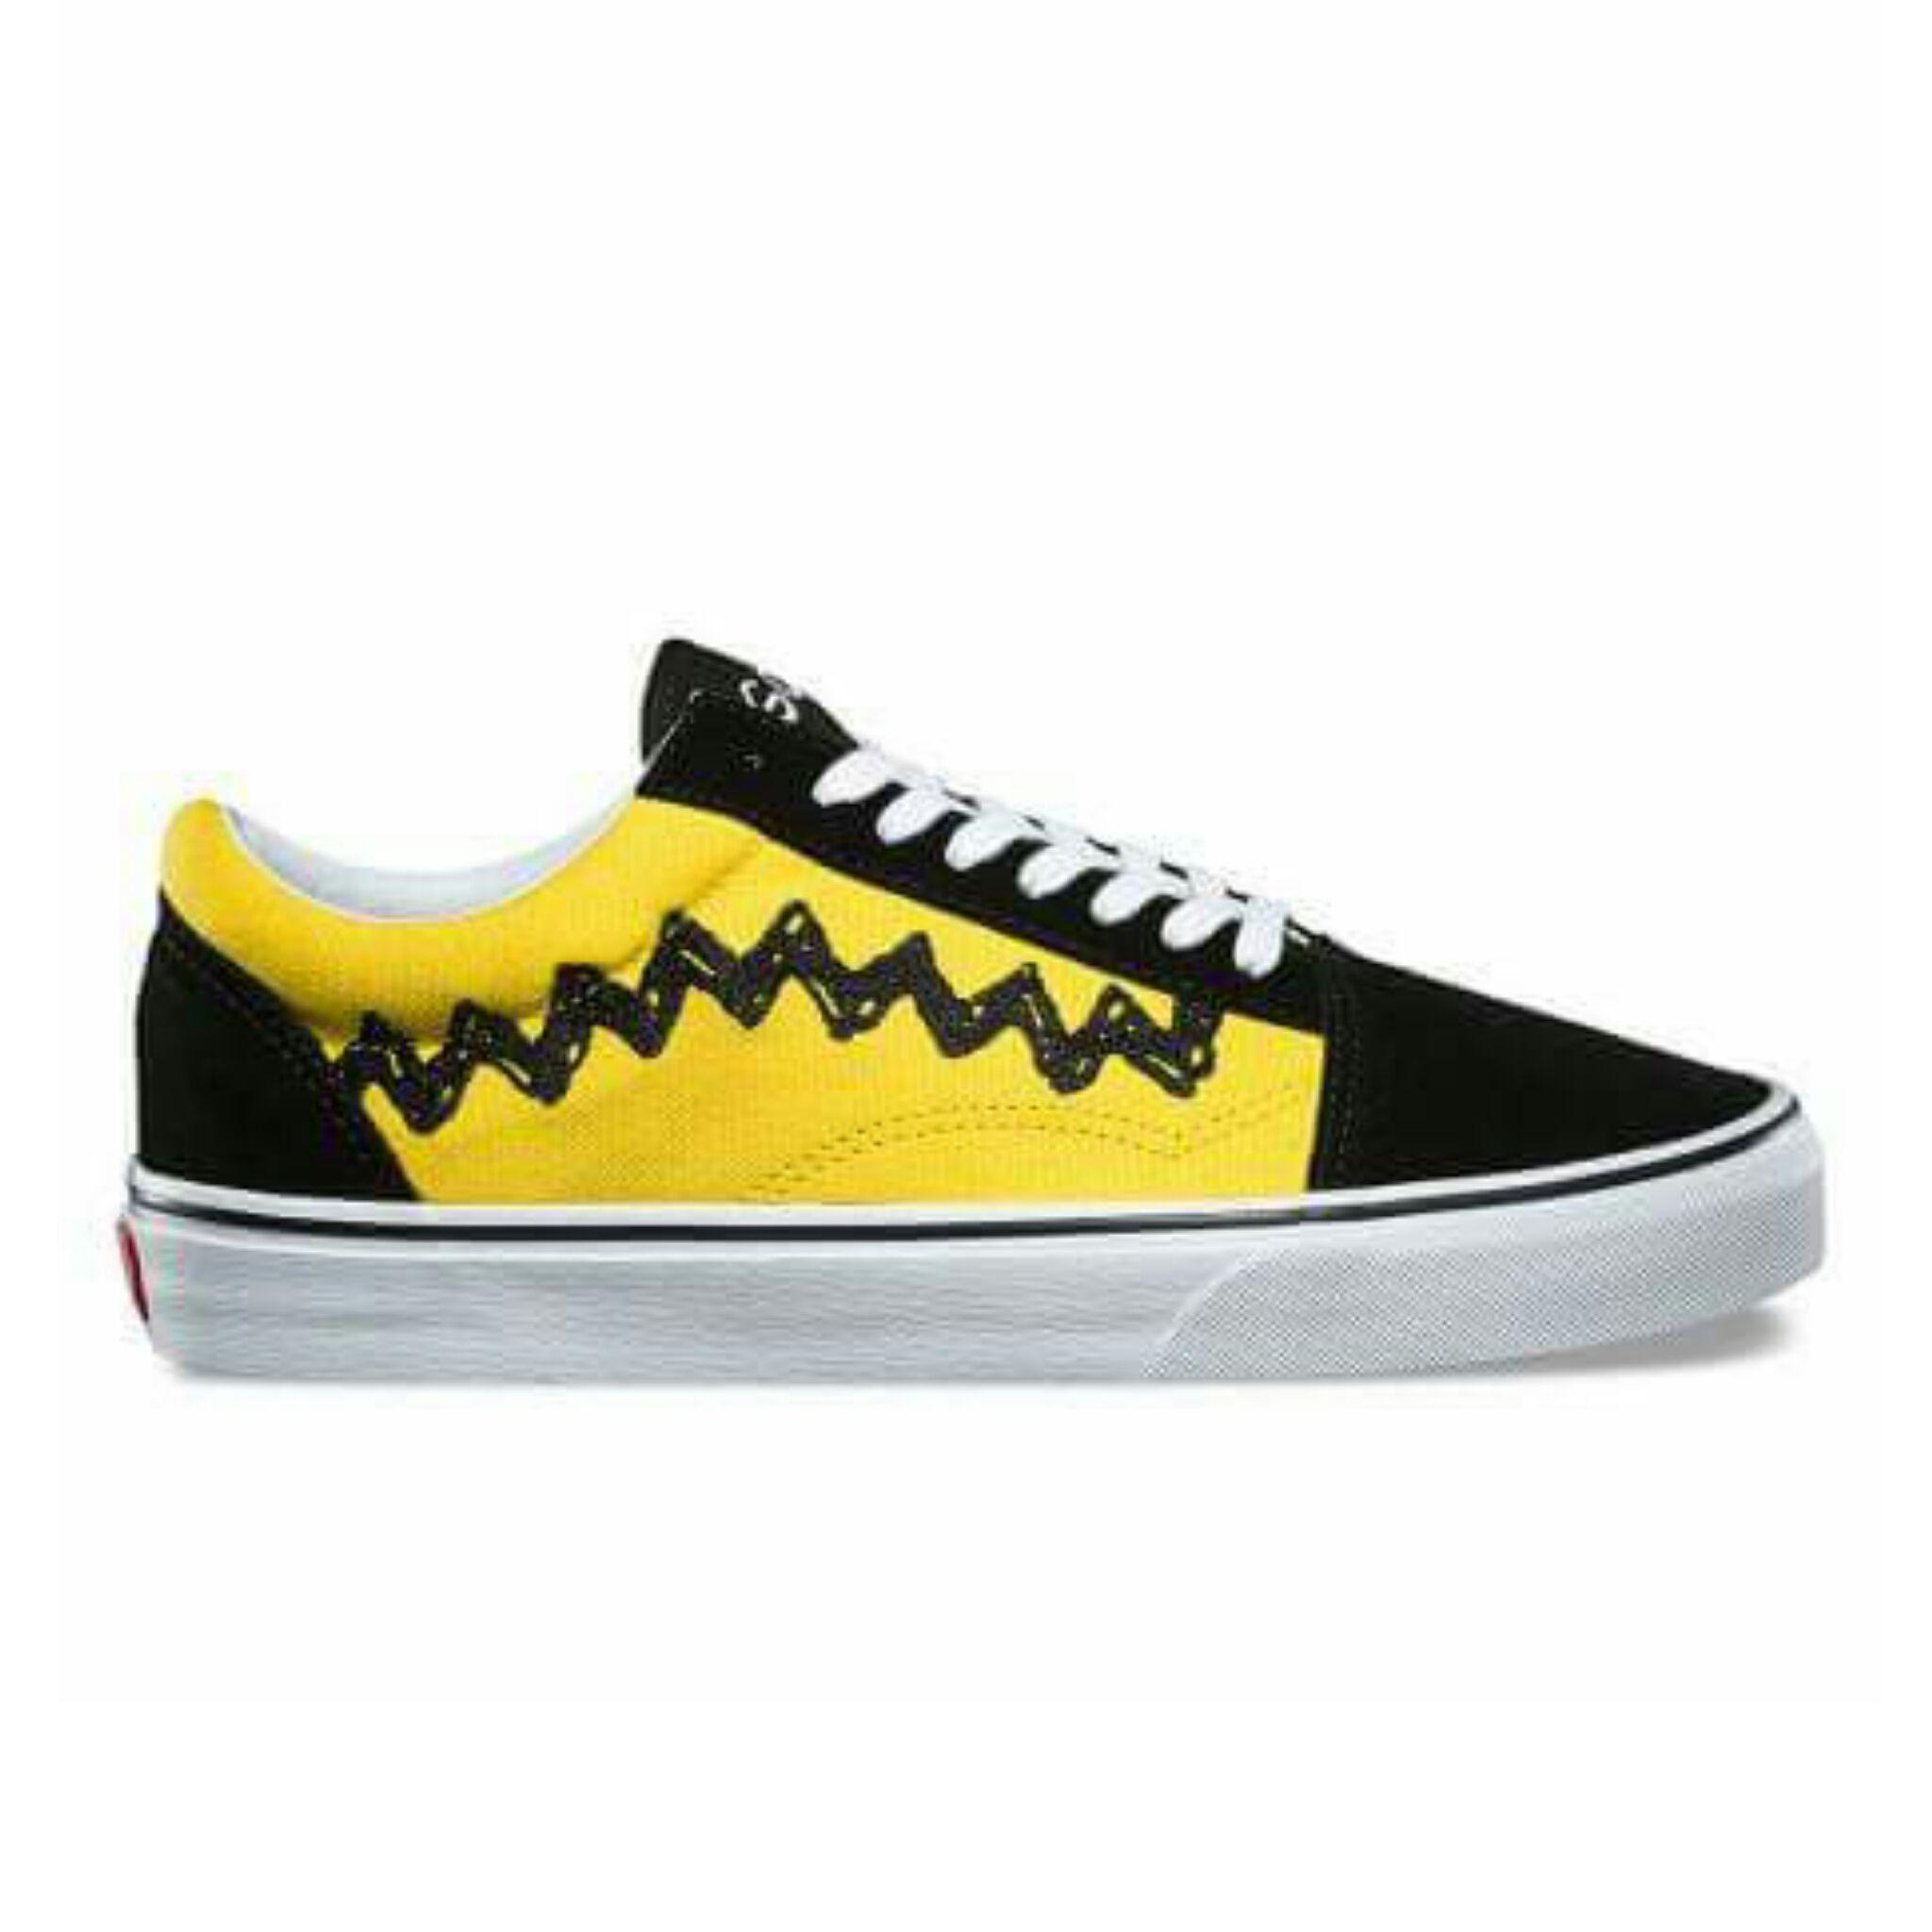 Buy Vans Old Skool Black Yellow In